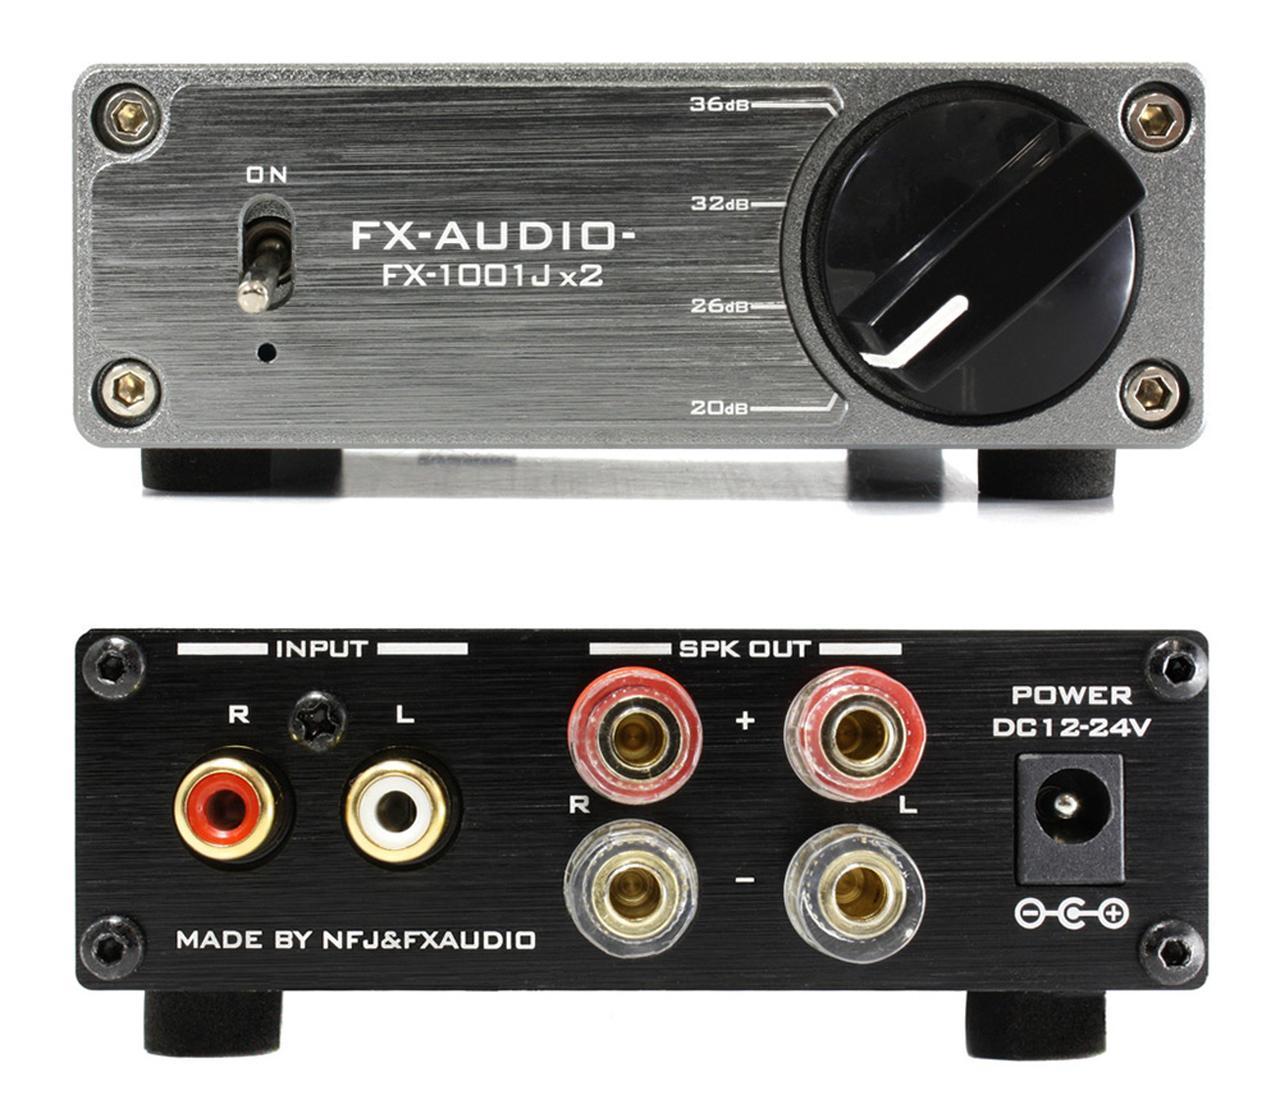 画像: 「FX-1001J×2」は、本体正面に電源スイッチとゲイン切り替えボタンを備える。背面の入力端子とスピーカーターミナルは、どちらも金メッキ処理が施こされている